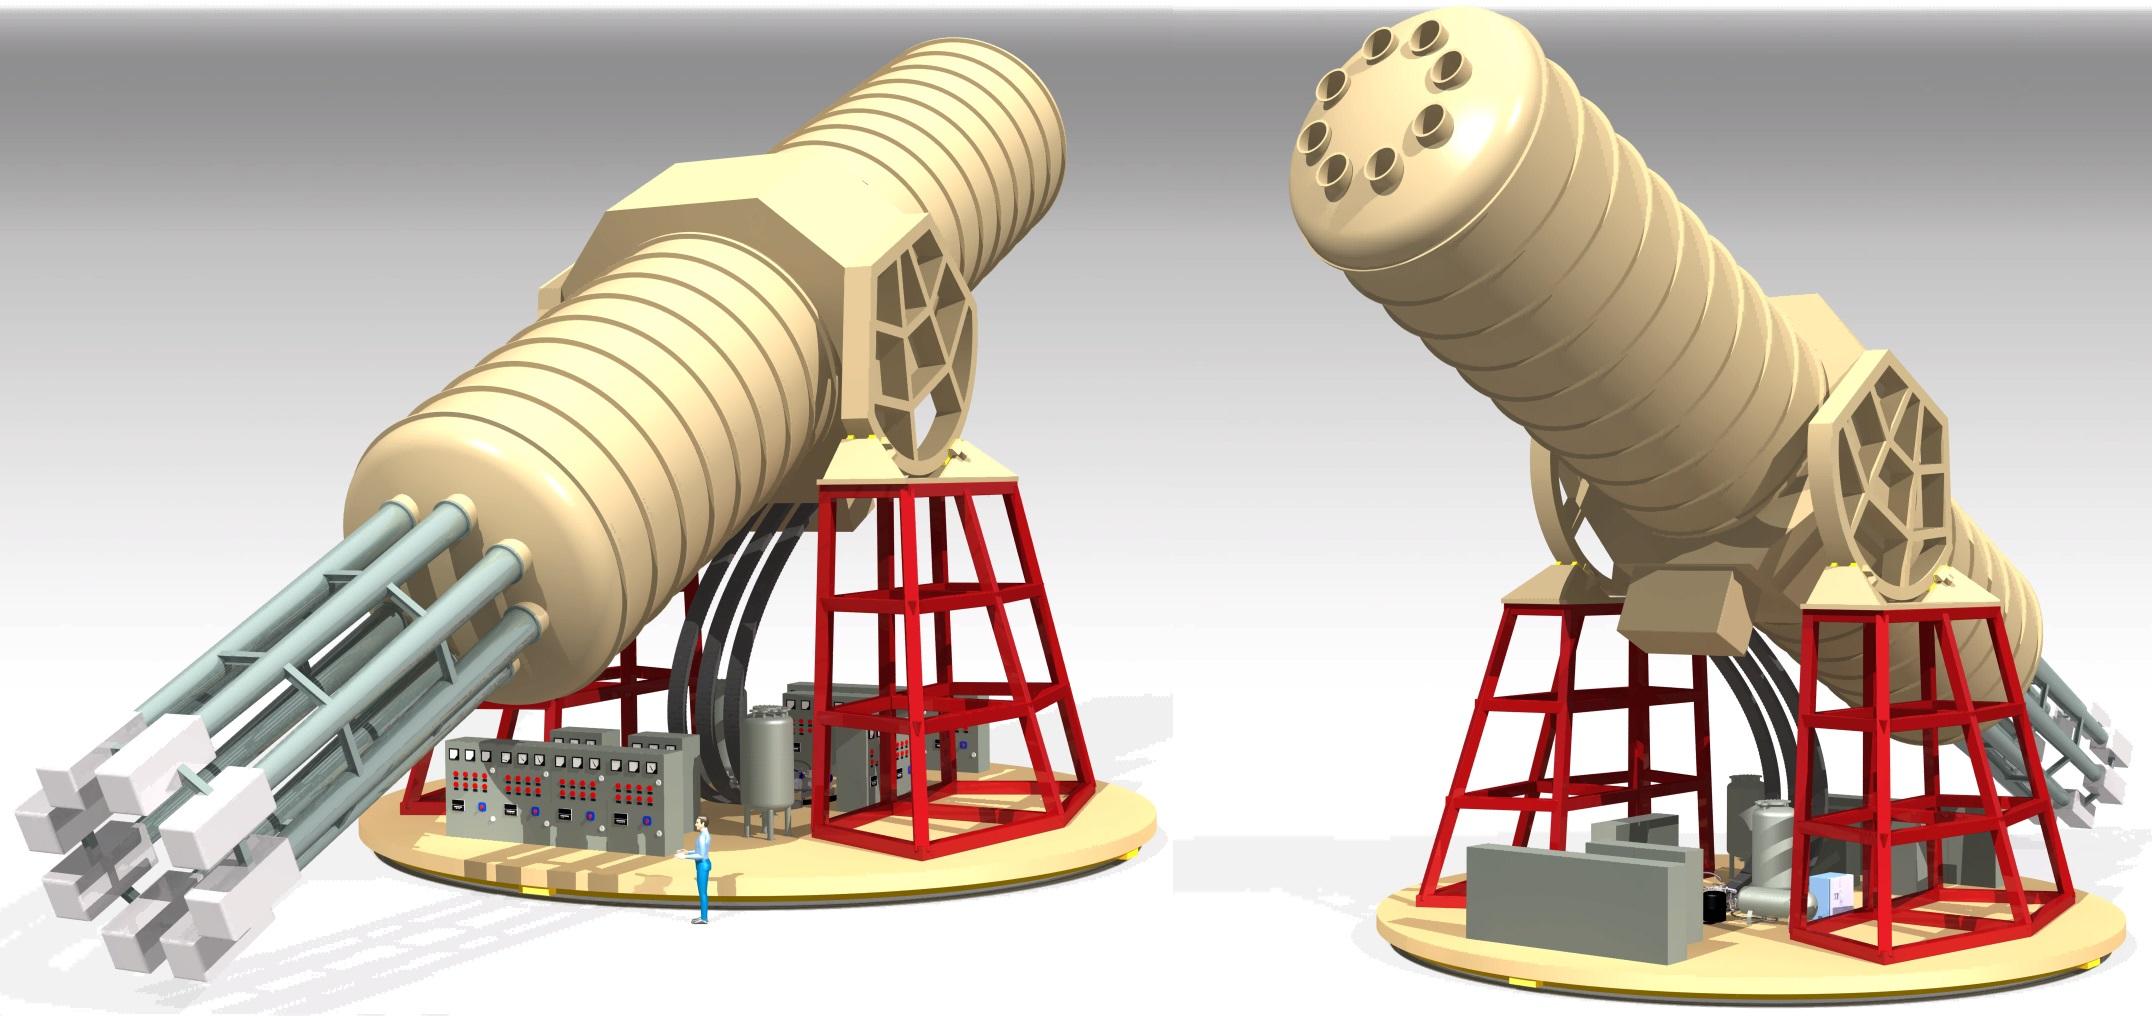 Arranca el proyecto para construir el mayor observatorio de axiones del mundo